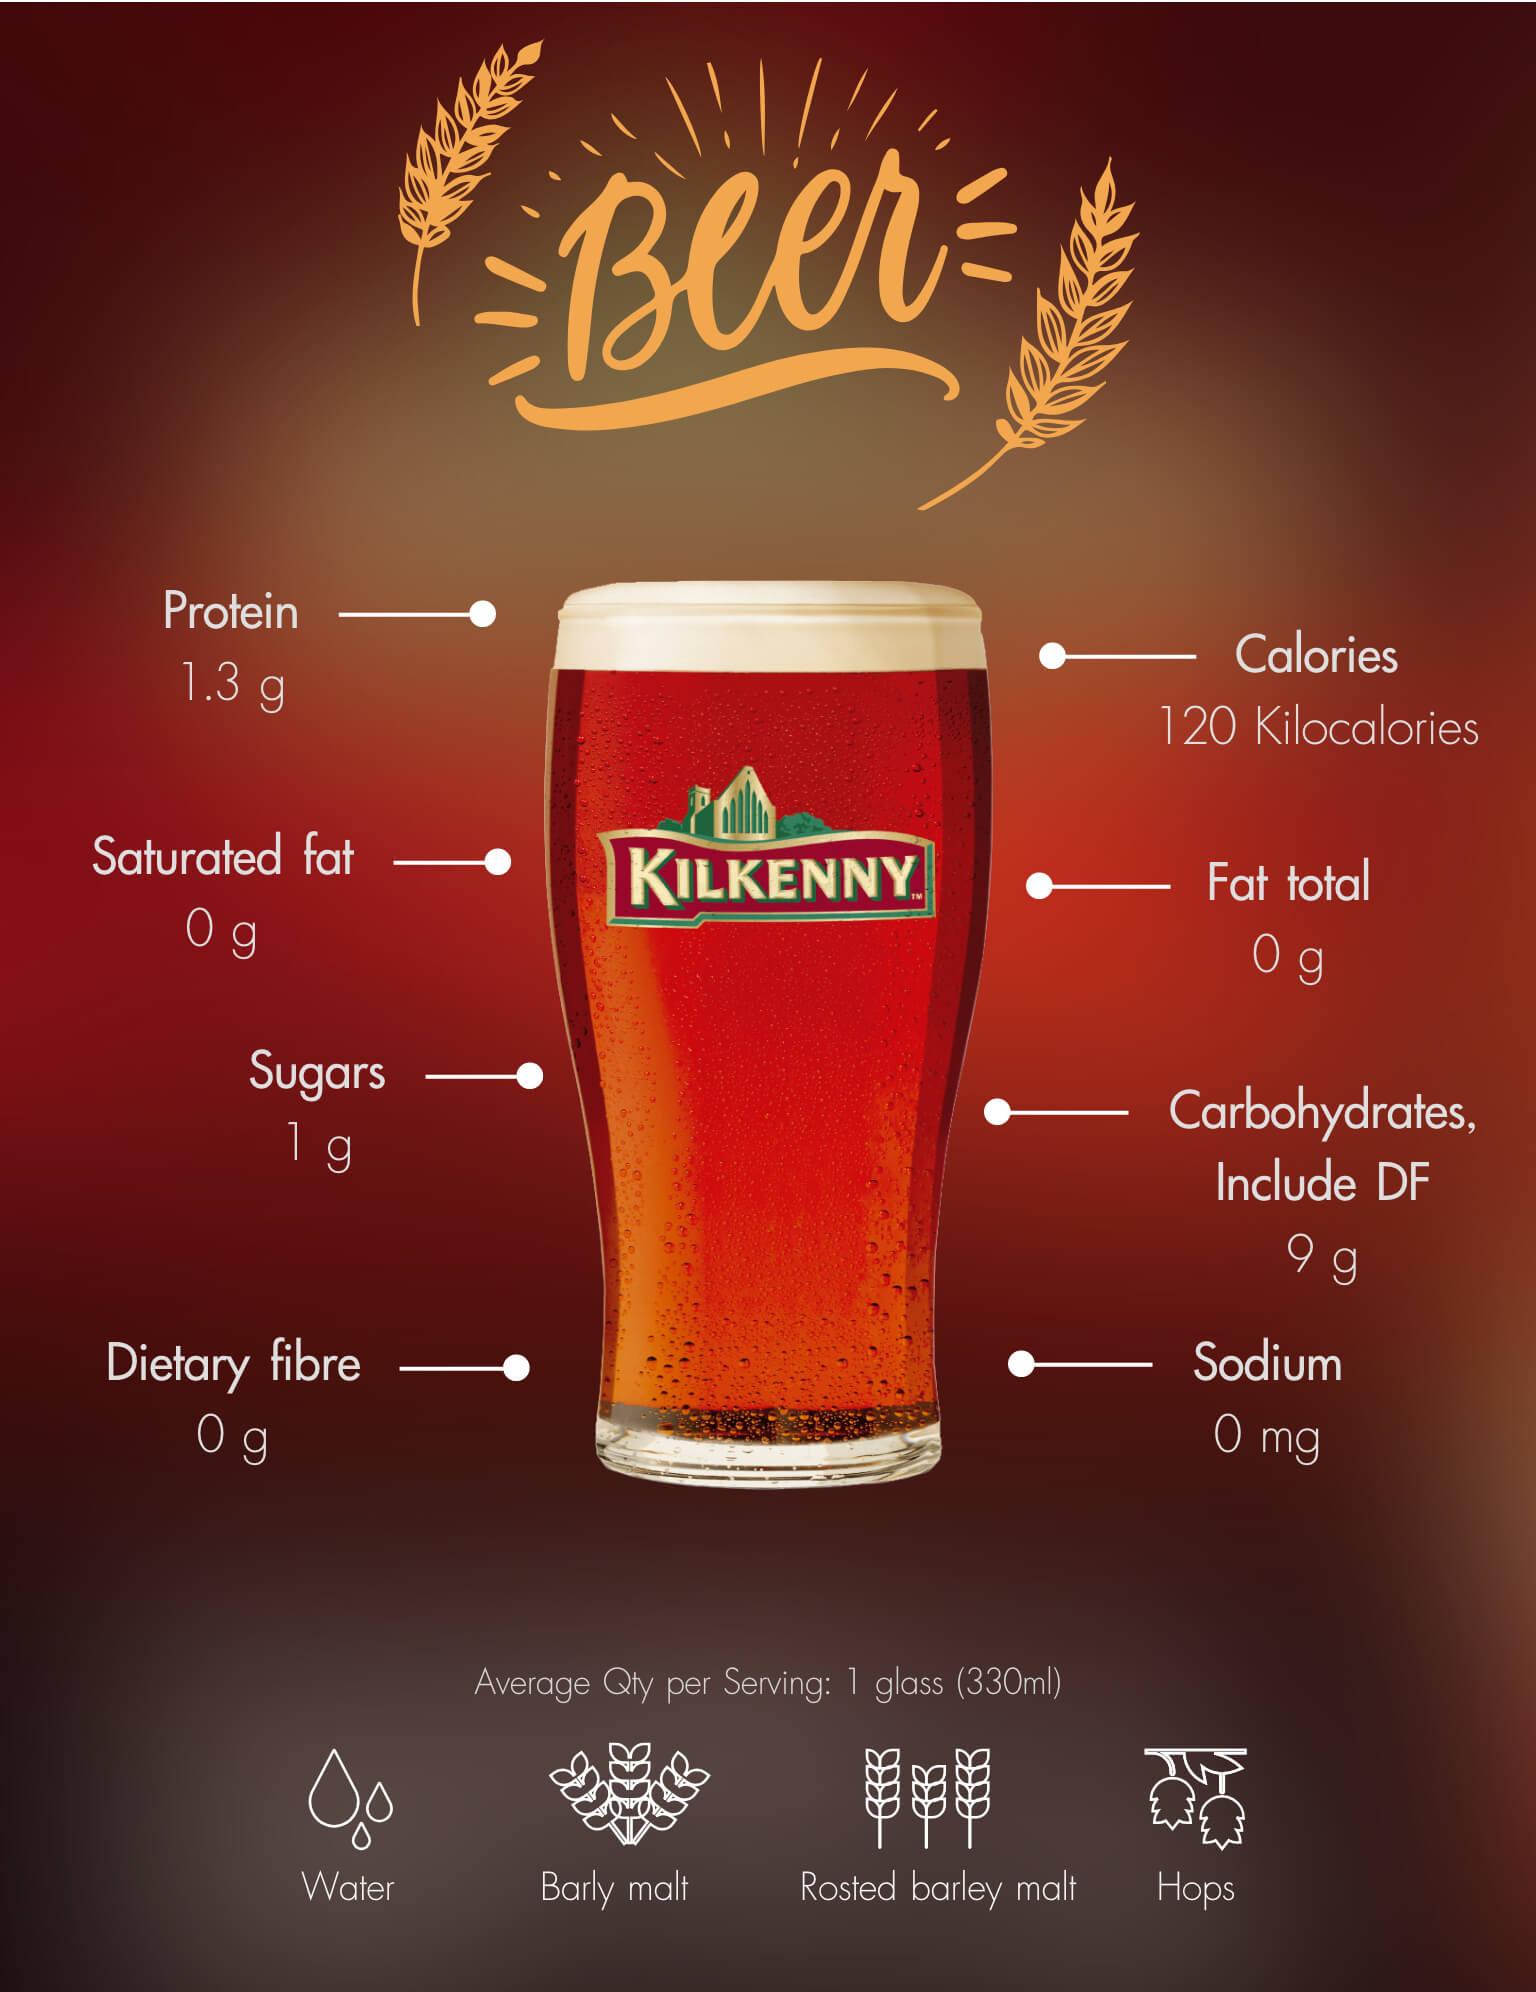 Kilkenny Beer Information